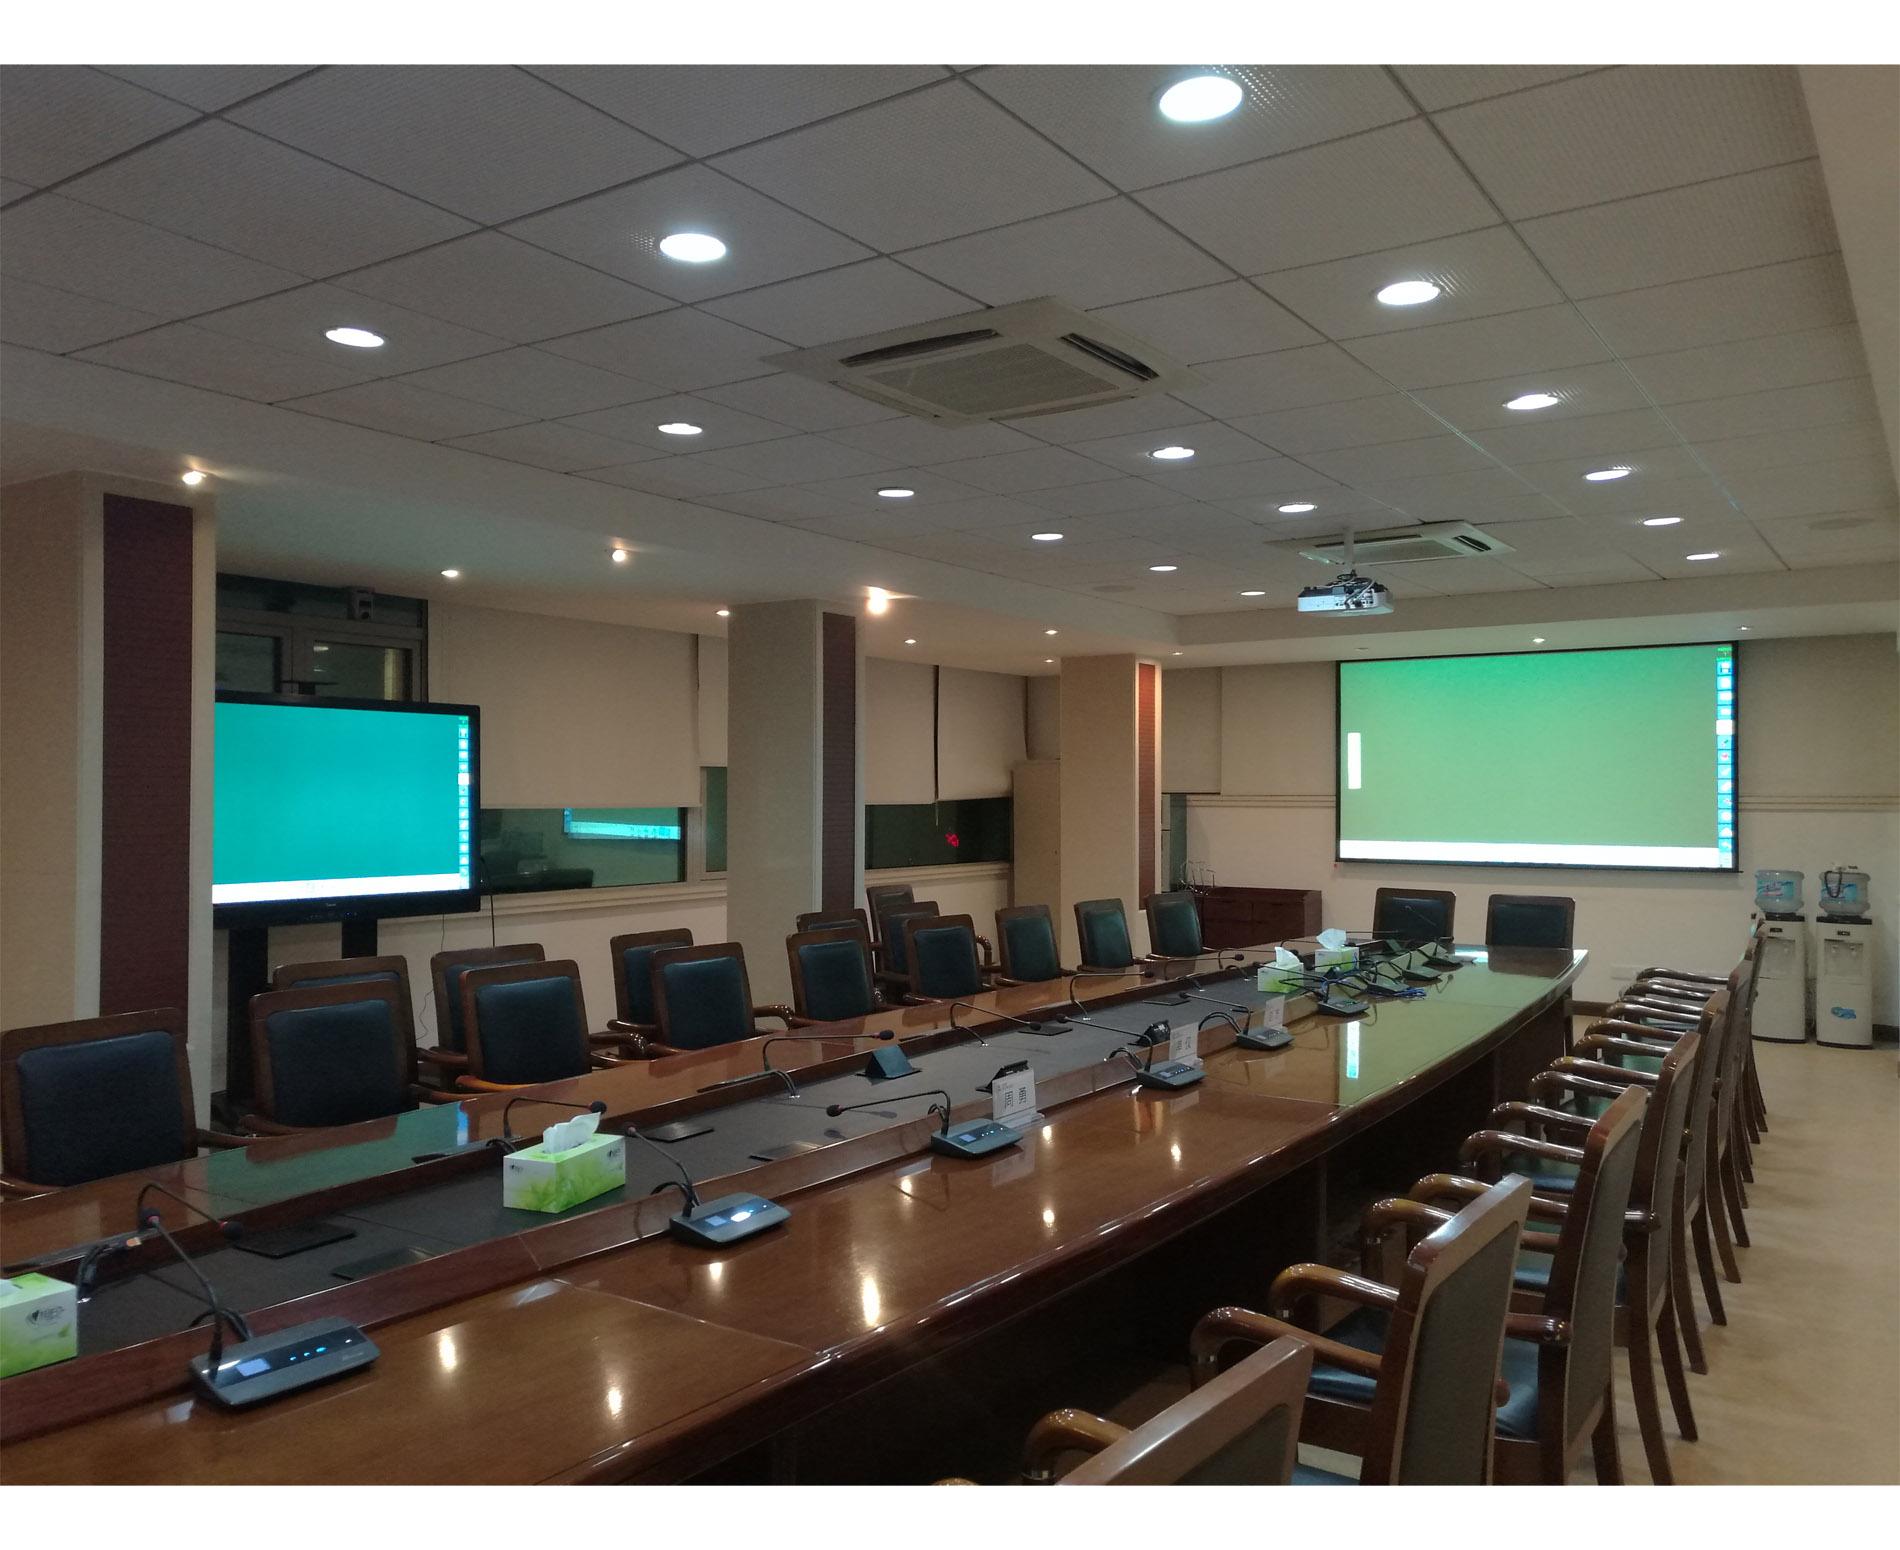 上海建筑工程有限公司2.jpg